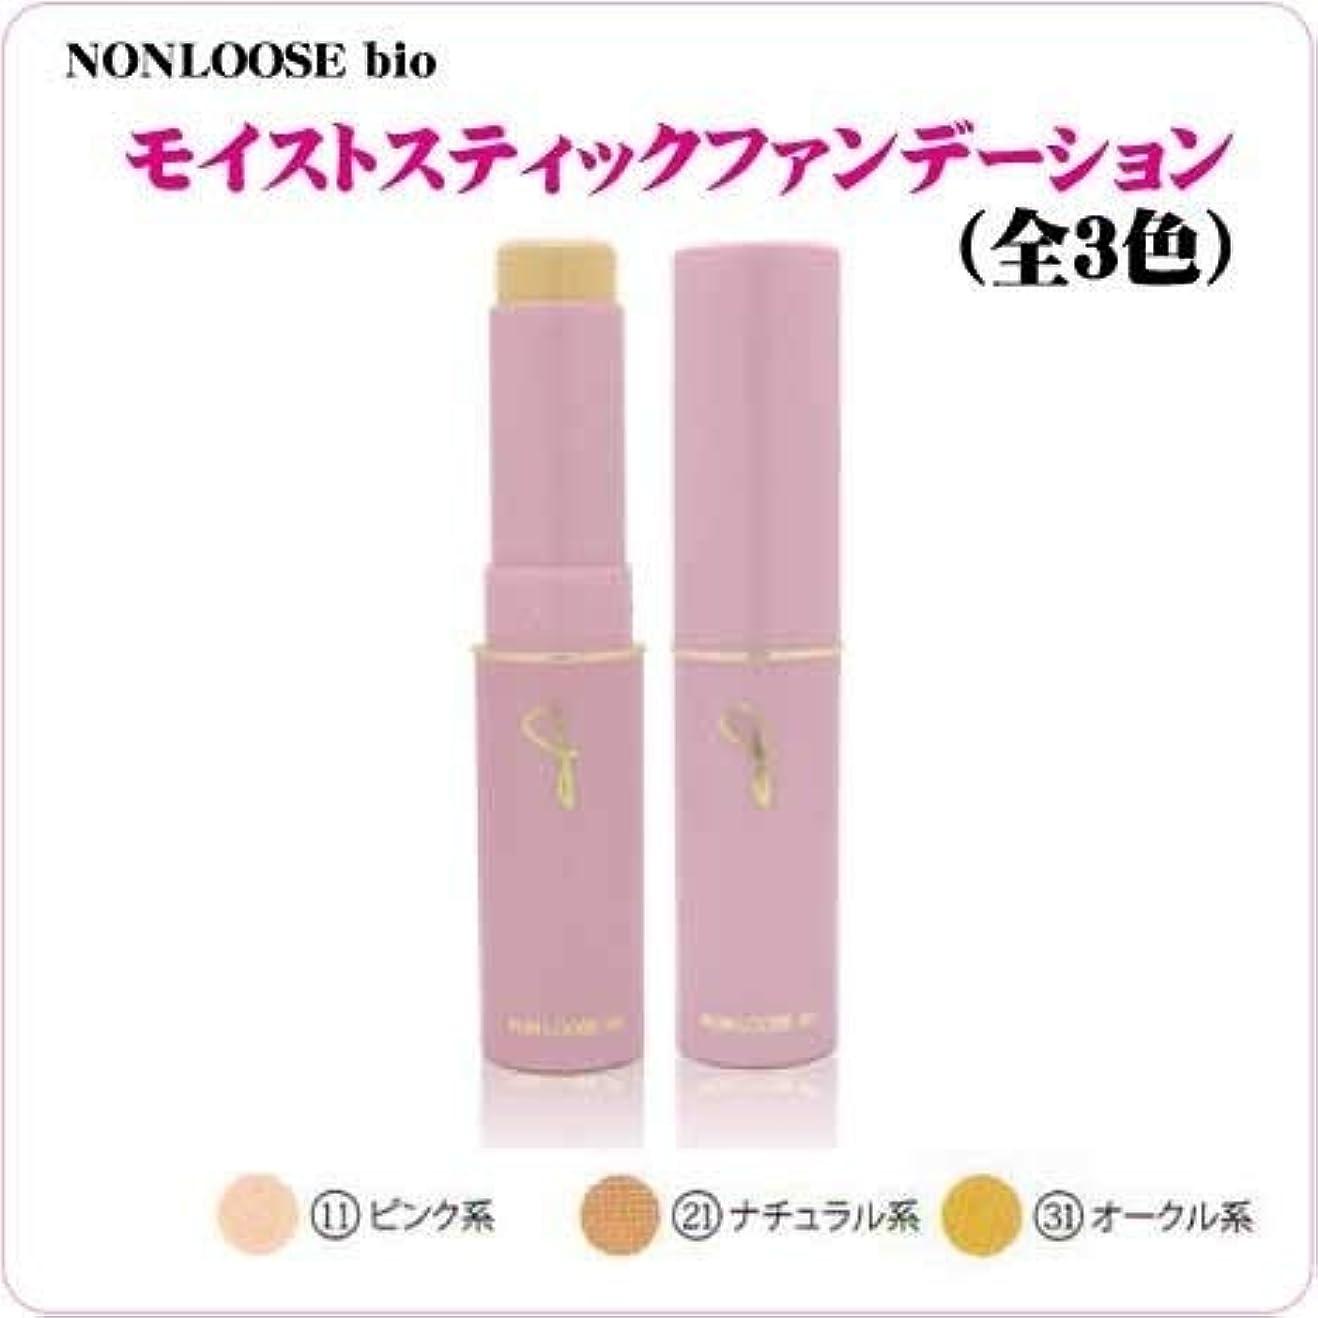 一節一月プランターベルマン化粧品 ノンルースビオ モイストスティックUV 全3色 (NO.21 ナチュラル系)